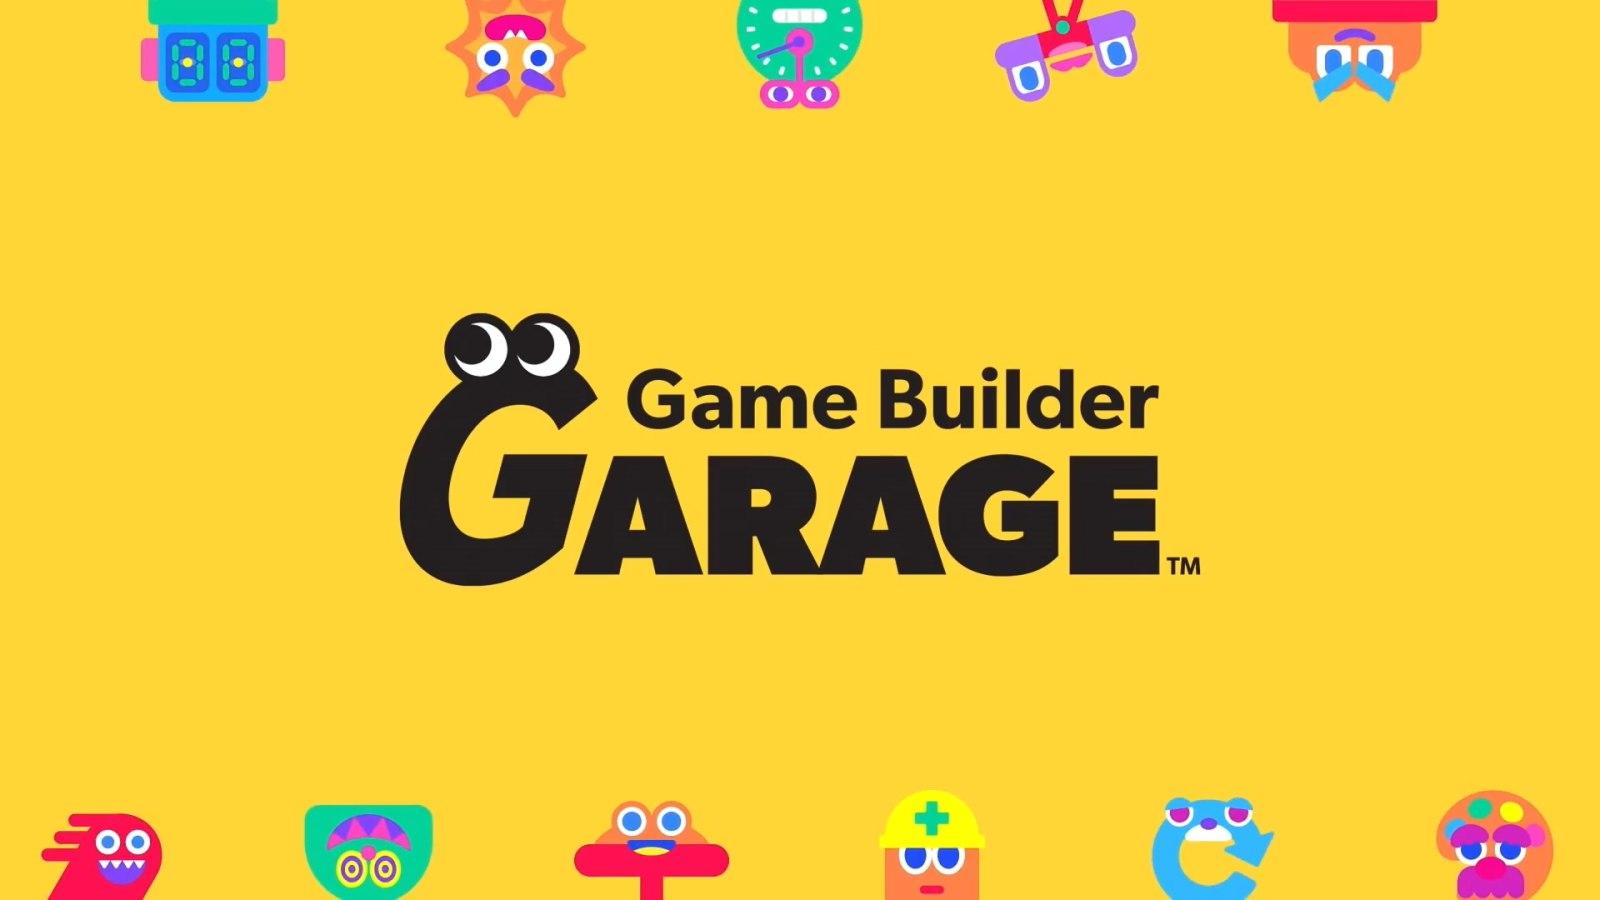 通过玩游戏,学做游戏。任天堂公布《Game Builder Garage》